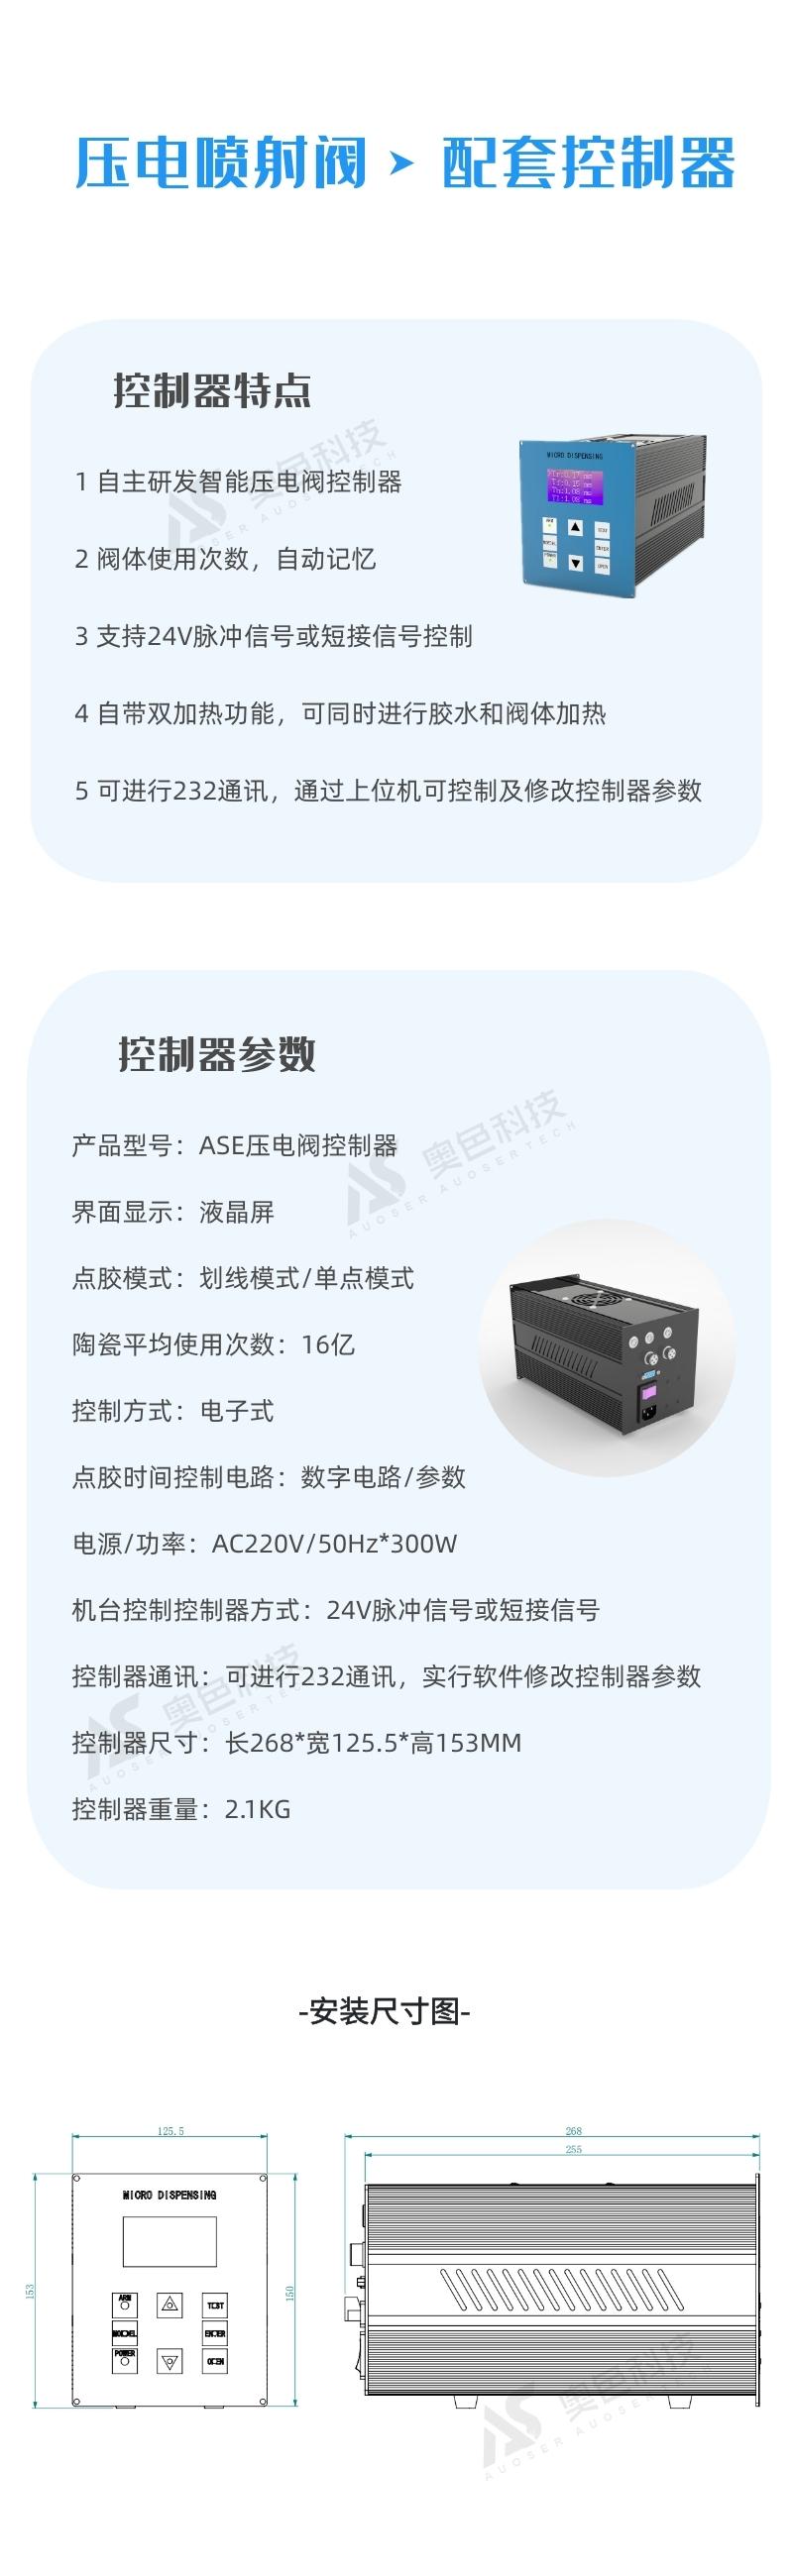 详情页-ASE750H压电阀3.jpg